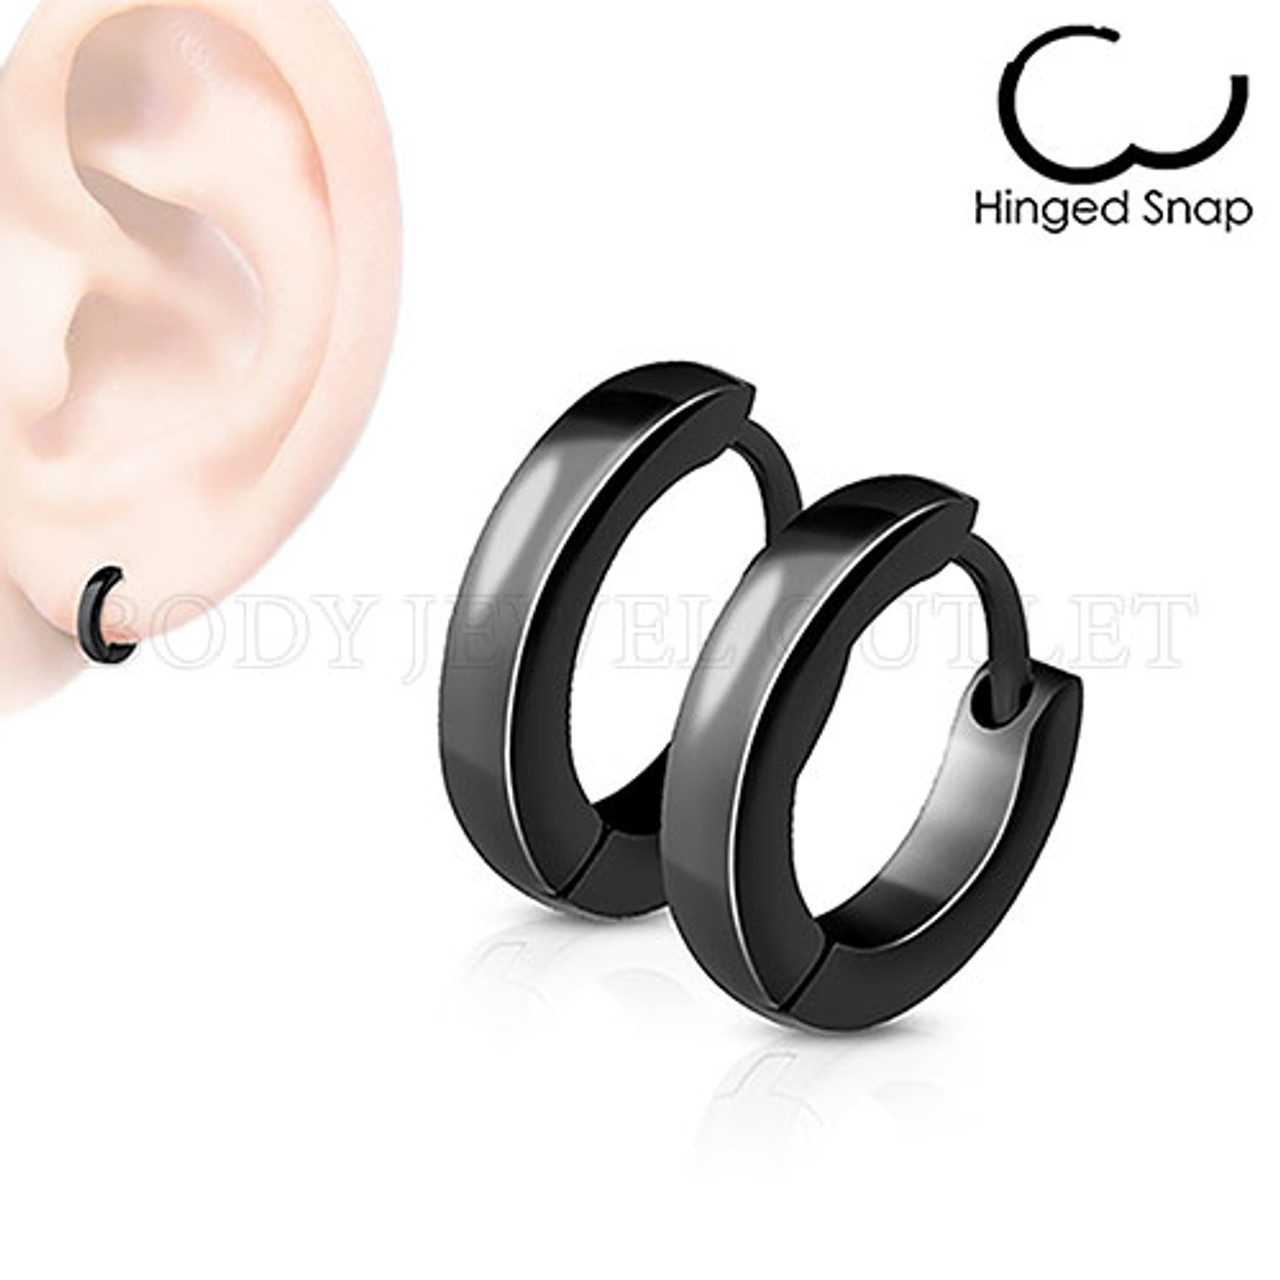 Plain Black IP Thin 2.5mm Wide - 316L Stainless Steel Hoop/Huggie Earrings - Pair (2 Pieces)